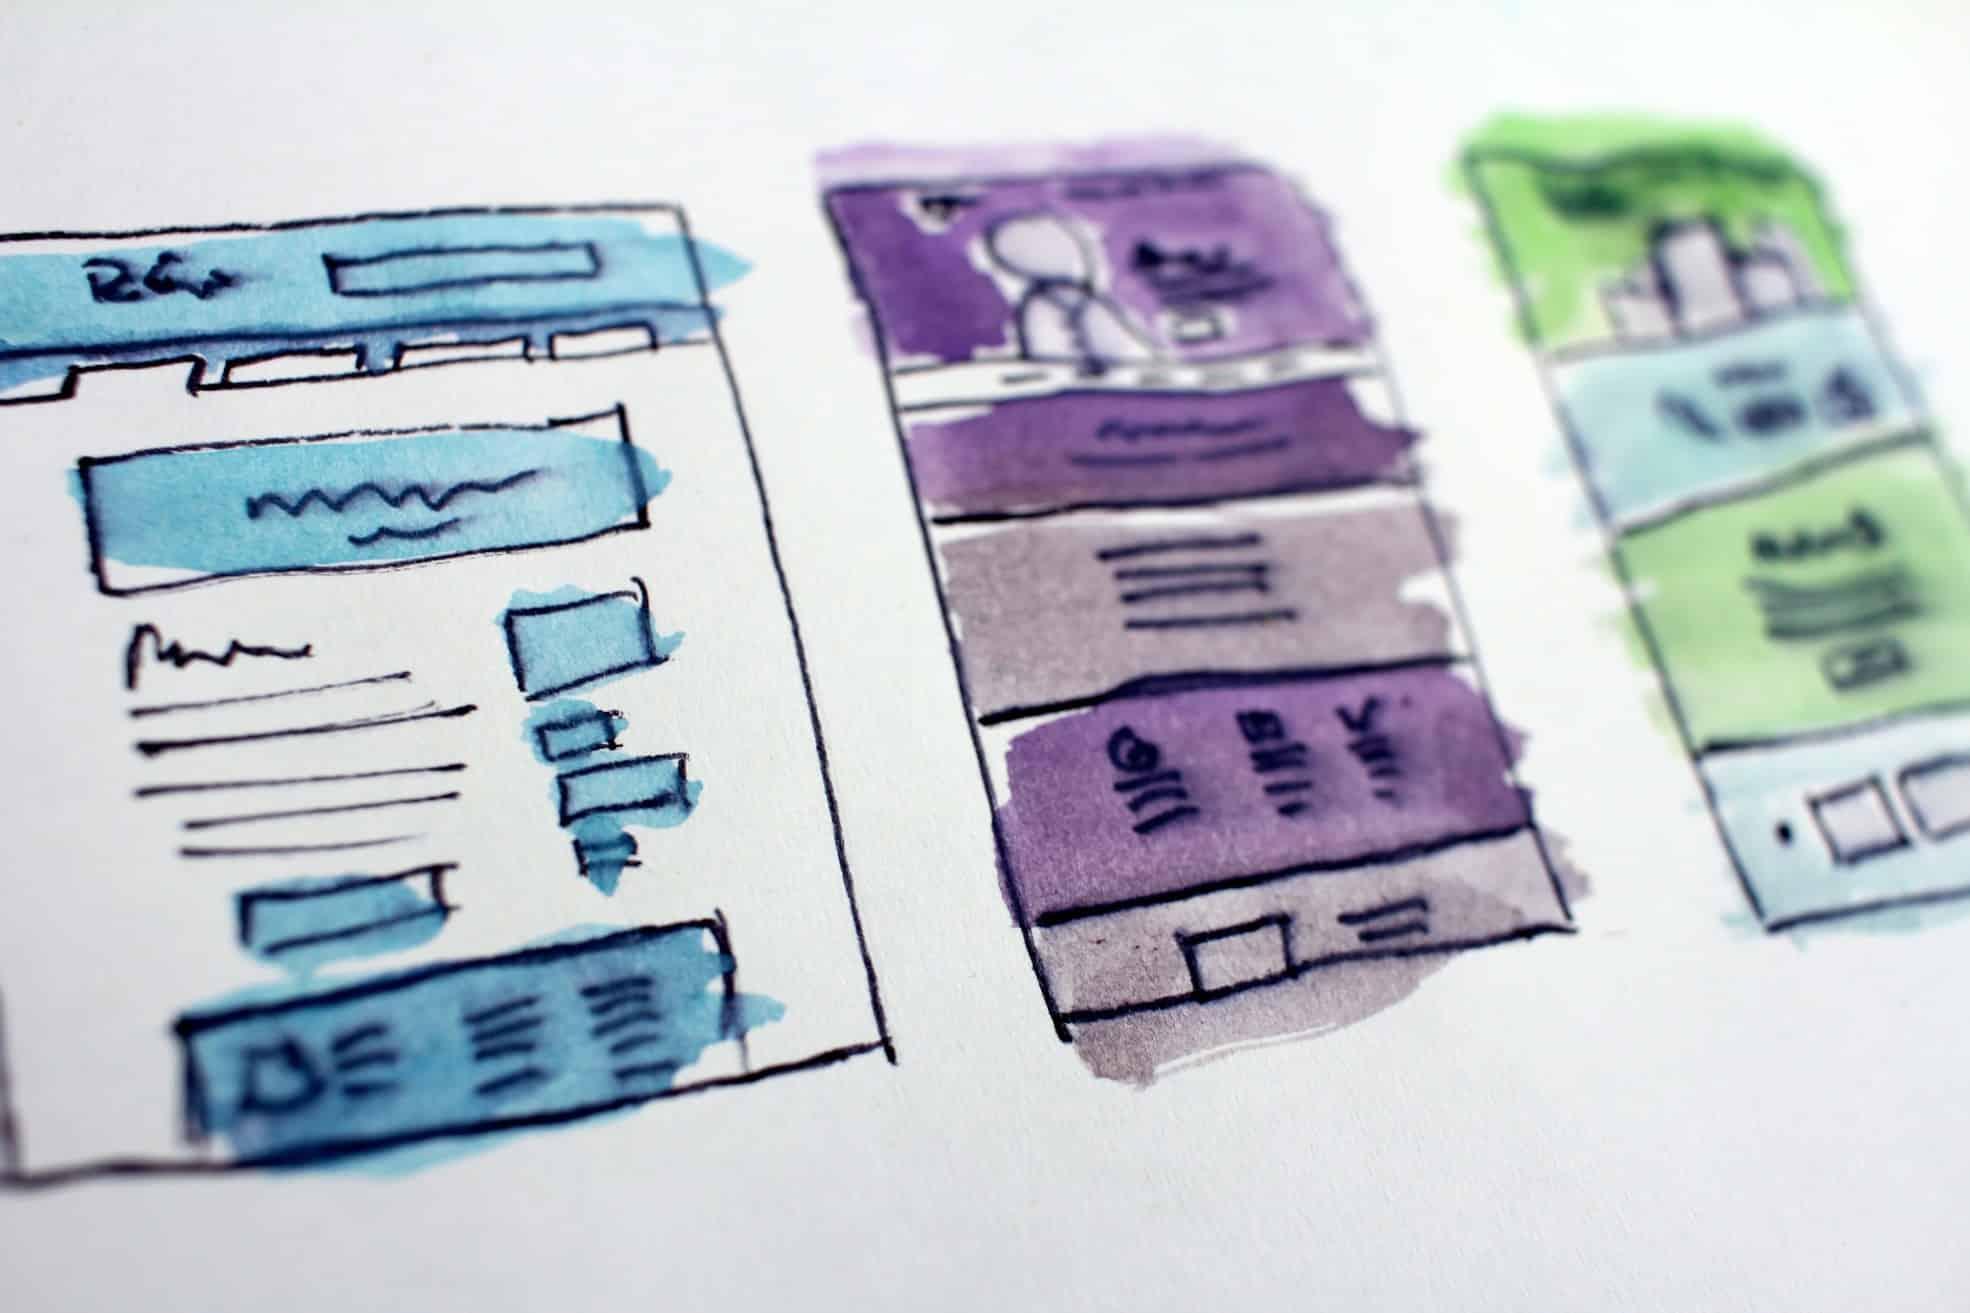 Développement d'une plateforme digitale en intégrant l'UX design